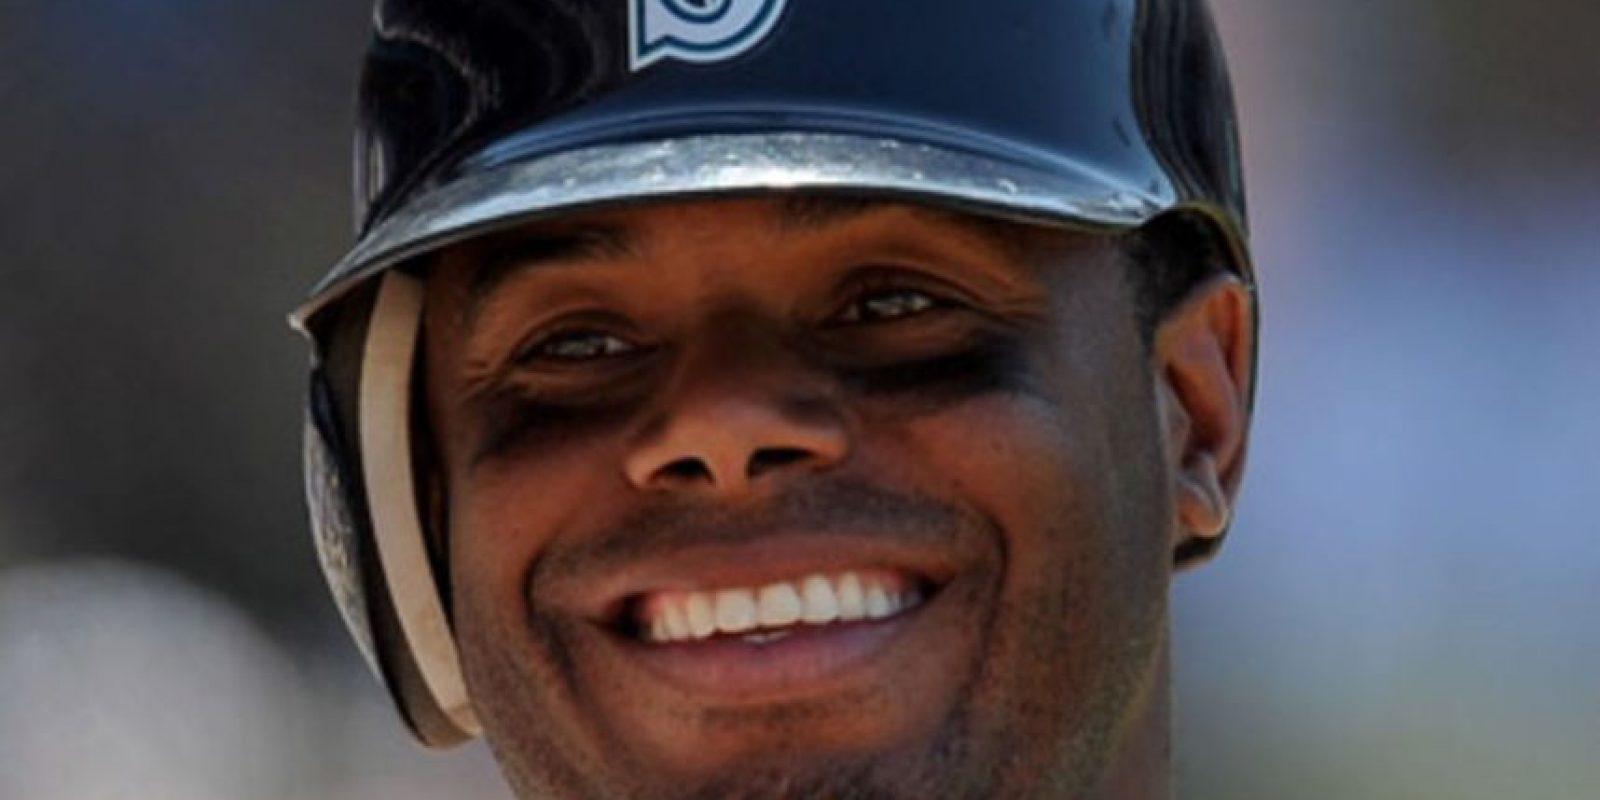 Ken Griffey Jr. impone récord en su elección. Marcó los noventa, fue la cara del béisbol; su desempeño en el terreno y su sonrisa de un millón de dólares lo ha colocado en el sitial que merecen estar los grandes de este deporte. Griffey estableció una nueva marca al lograr el 99.3% de los votos (437 de 440) para ingresar al Salón de la Fama del béisbol de las Grandes Ligas, superando el anterior establecido por Tom Seaver que estuvo en el 98.8% de las boletas de los votantes.El nuevo inmortal del deporte disputó 22 temporadas divididas entre los Marineros de Seattle, Rojos de Cincinnati y Medias Blancas de Chicago; fue convocado a 13 Juegos de Estrellas y se encuentra en el sexto lugar en la historia de Grandes Ligas con 630 cuadrangulares.Se convirtió en el primer seleccionado en el turno No. 1 en ser exaltado al Salón de la Fama. Foto:Fuente Externa